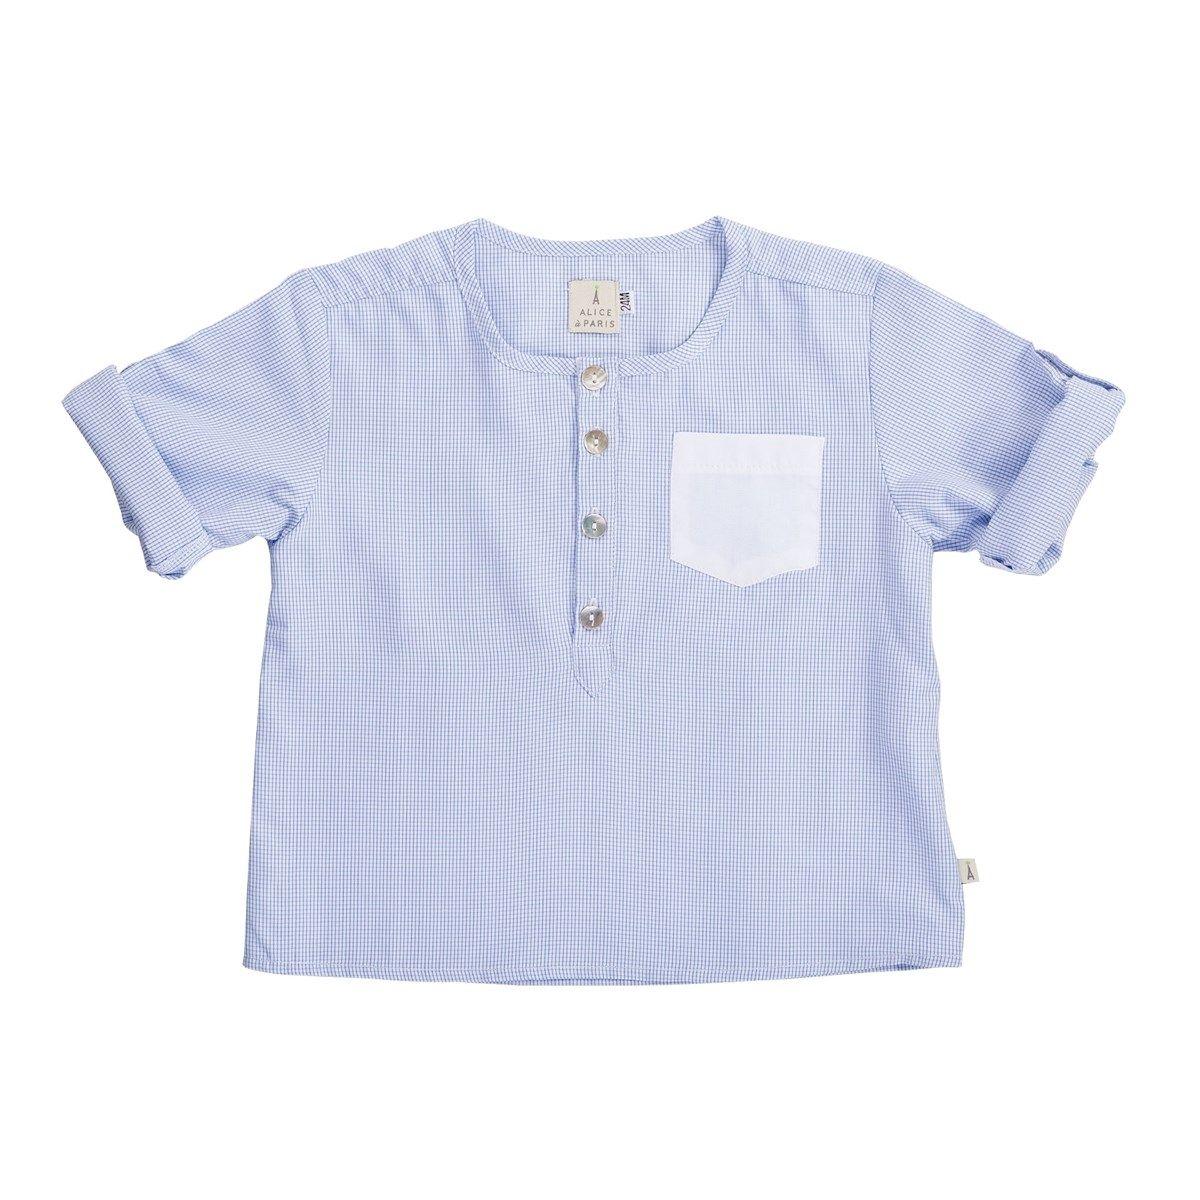 Chemise bébé décontractée-chic